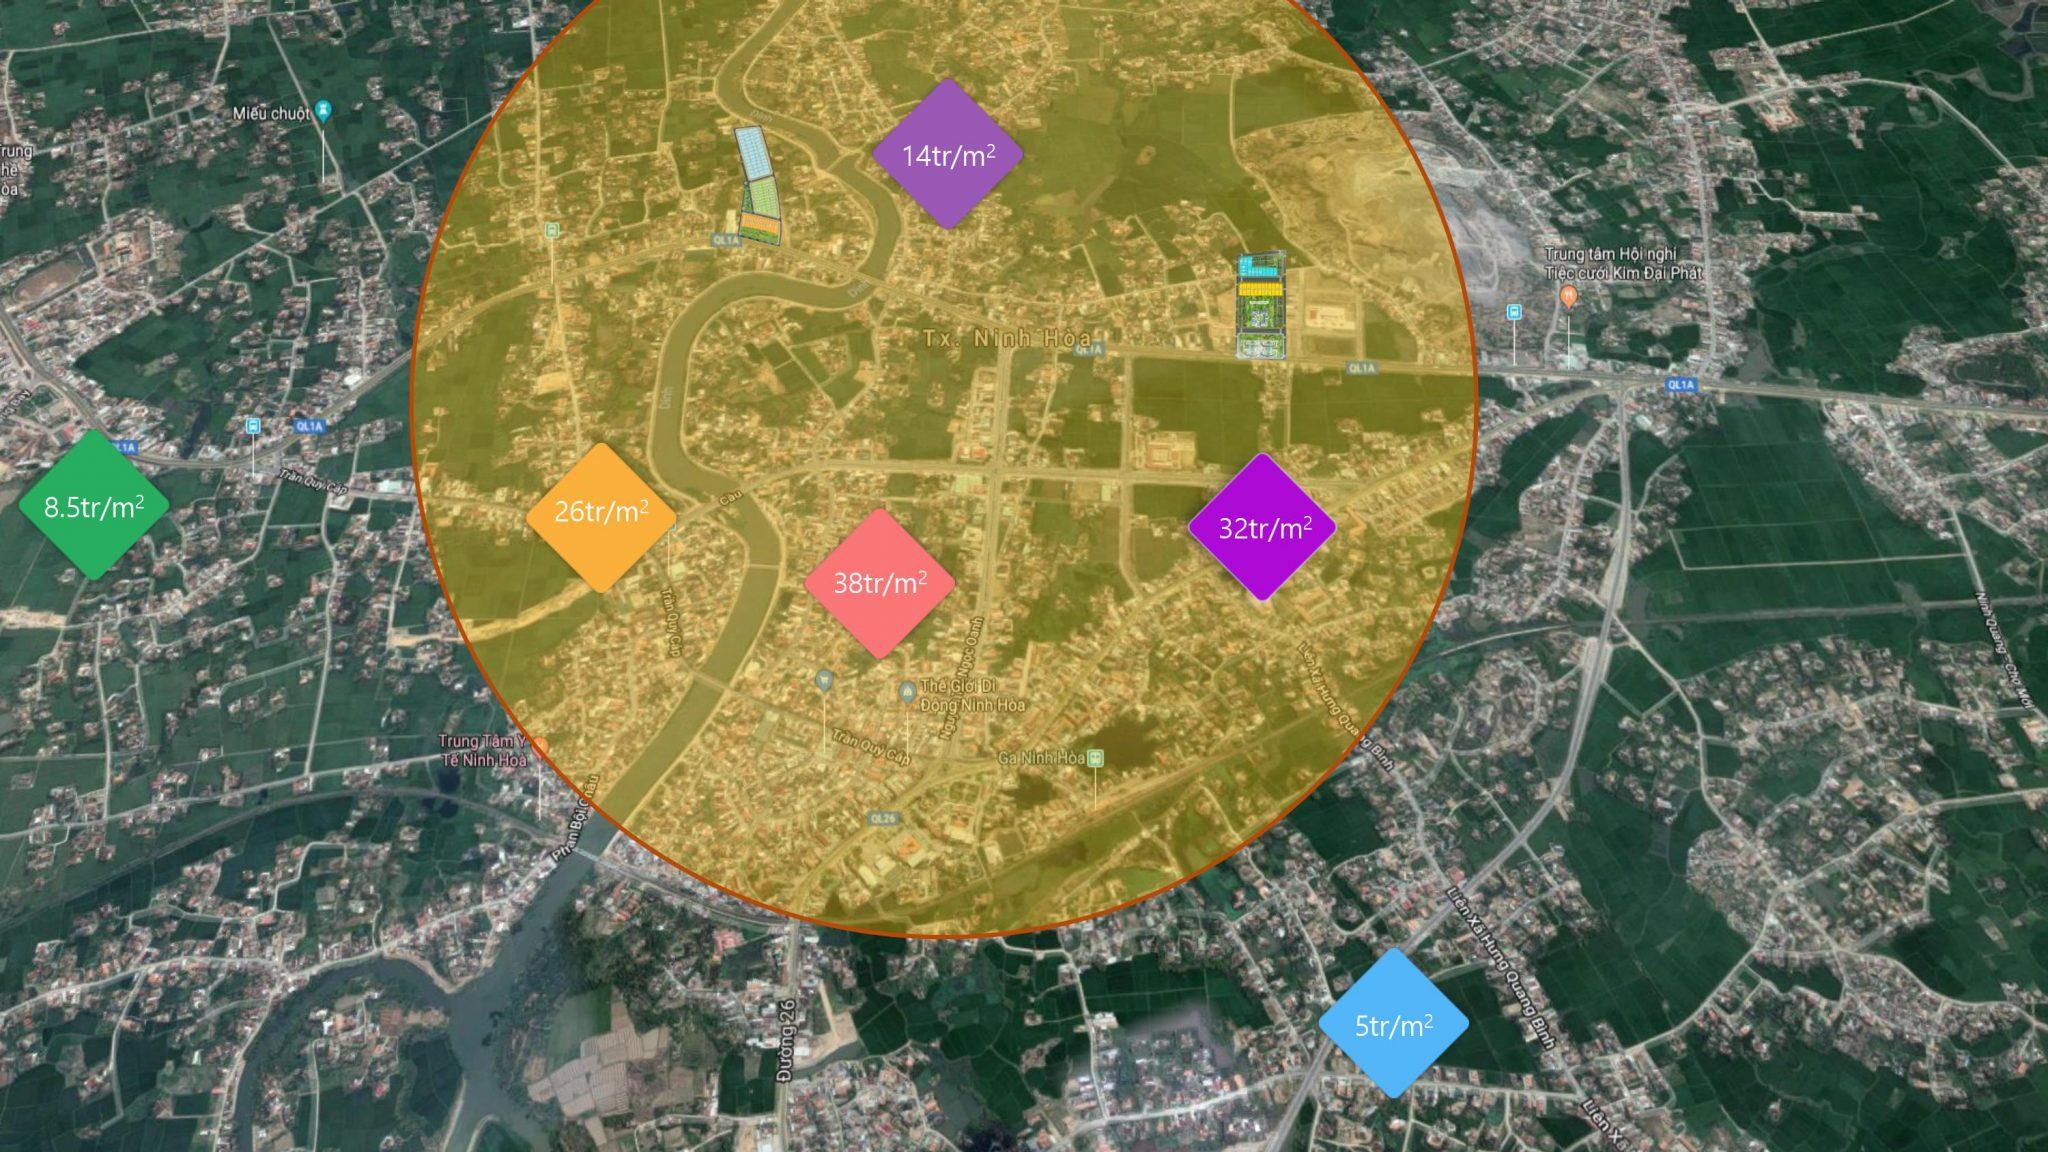 Giá bán các dự án bất động sản xung quanh khu kinhh tế Bắc Vân Phong